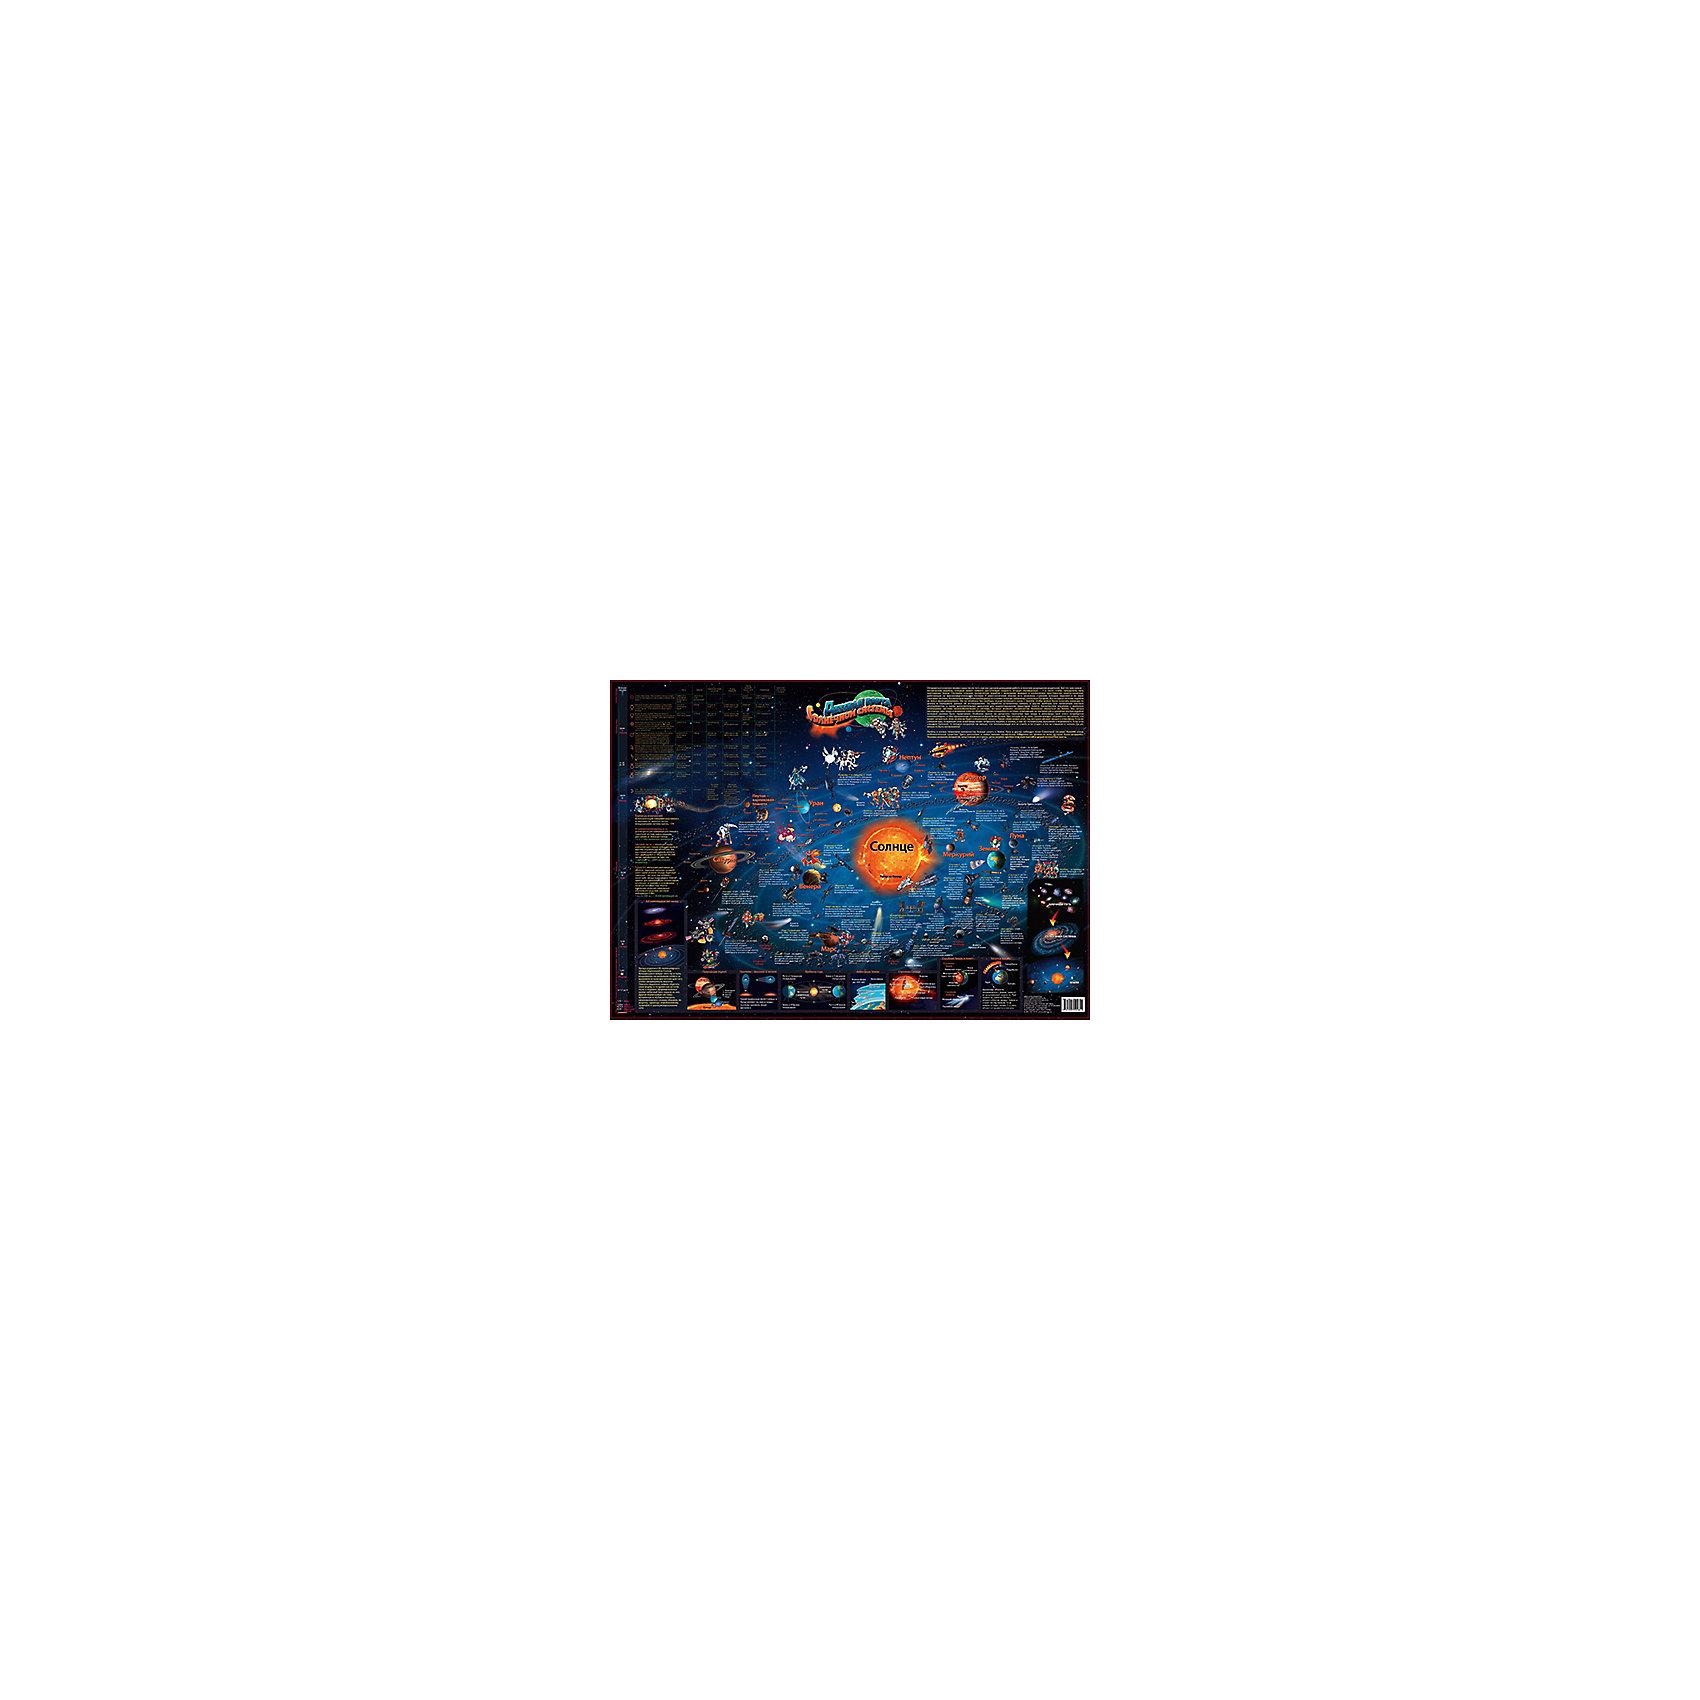 Карта солнечной системы для детей настенная 130 смКарта солнечной системы для детей настенная 130 см<br><br>Характеристики:<br><br>• яркий дизайн<br>• упаковка: тубус<br>• размер карты: 137х97 см<br>• размер упаковки: 6,5х6,5х12,5 см<br>• вес: 150 грамм<br><br>Познание солнечной системы - увлекательное занятие, особенно для детей. Карта Солнечной Системы подойдет для комнаты ребенка. Глядя на нее, ребенок выучит интересные факты о космосе, планетах и звездах. Вся информация написана достаточно понятно для детского восприятия. Яркие картинки привлекут внимание, и ребенок с удовольствием будет изучать астрономию!<br><br>Карту солнечной системы для детей настенную 130 см вы можете купить в нашем интернет-магазине.<br><br>Ширина мм: 125<br>Глубина мм: 65<br>Высота мм: 65<br>Вес г: 150<br>Возраст от месяцев: 72<br>Возраст до месяцев: 108<br>Пол: Унисекс<br>Возраст: Детский<br>SKU: 5124685